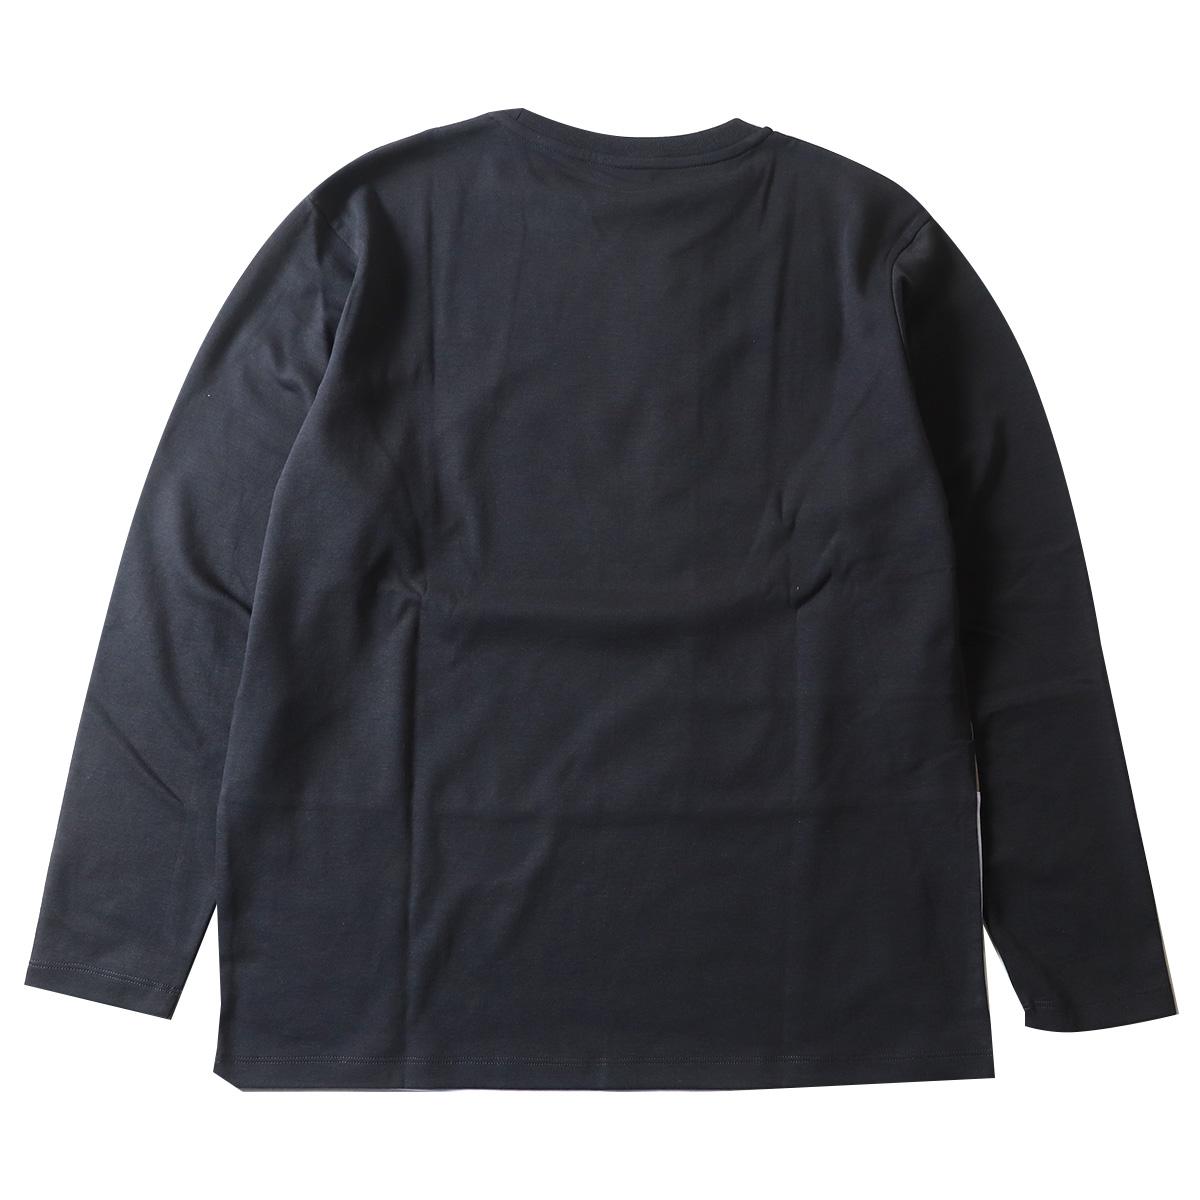 リサイクルポリエステルポンチ ブロッキング 切替え  長袖ロングTシャツ ロンT